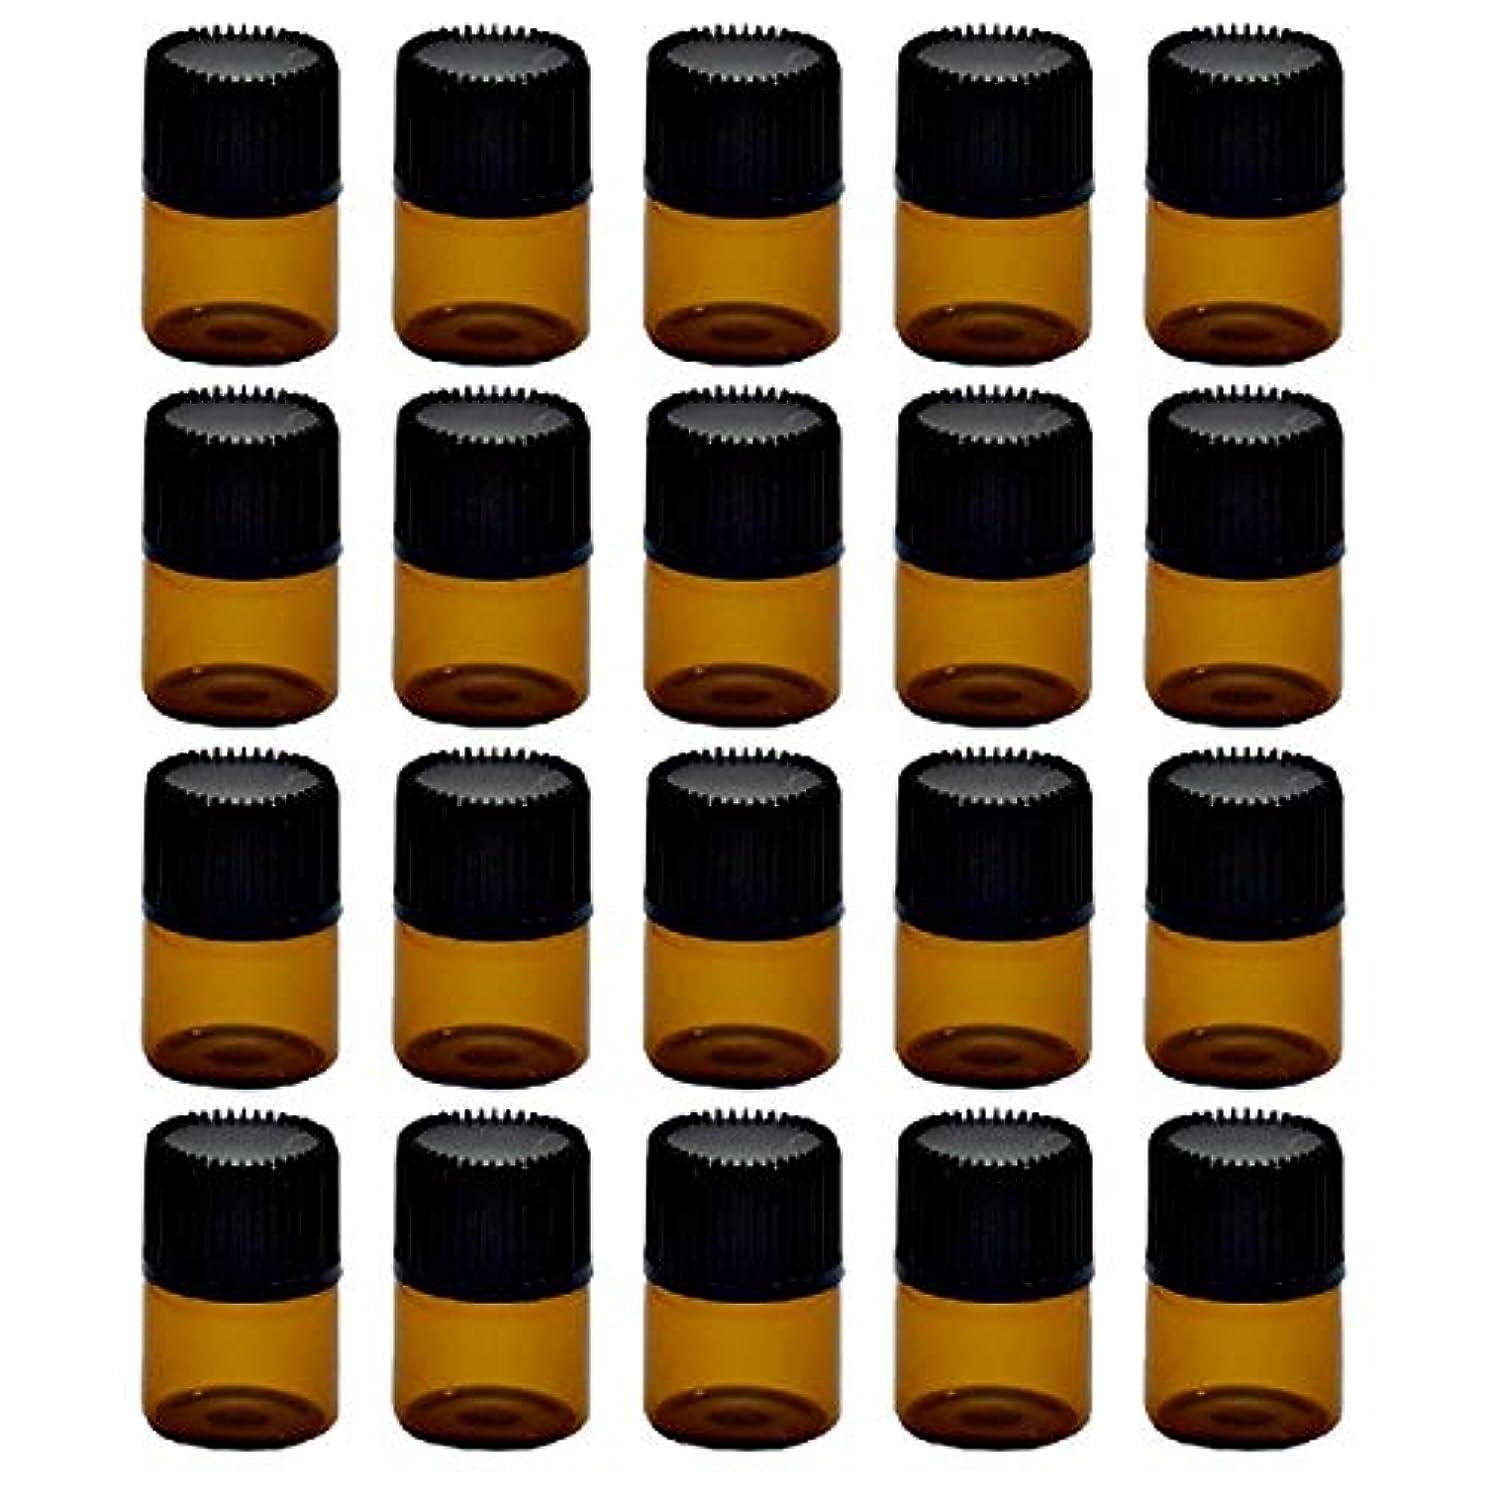 スチールニンニク疲れたZERONOWA 遮光瓶 アロマオイル 精油 小分け 保存 詰め替え 遮光ガラス瓶 (1ml20個セット)